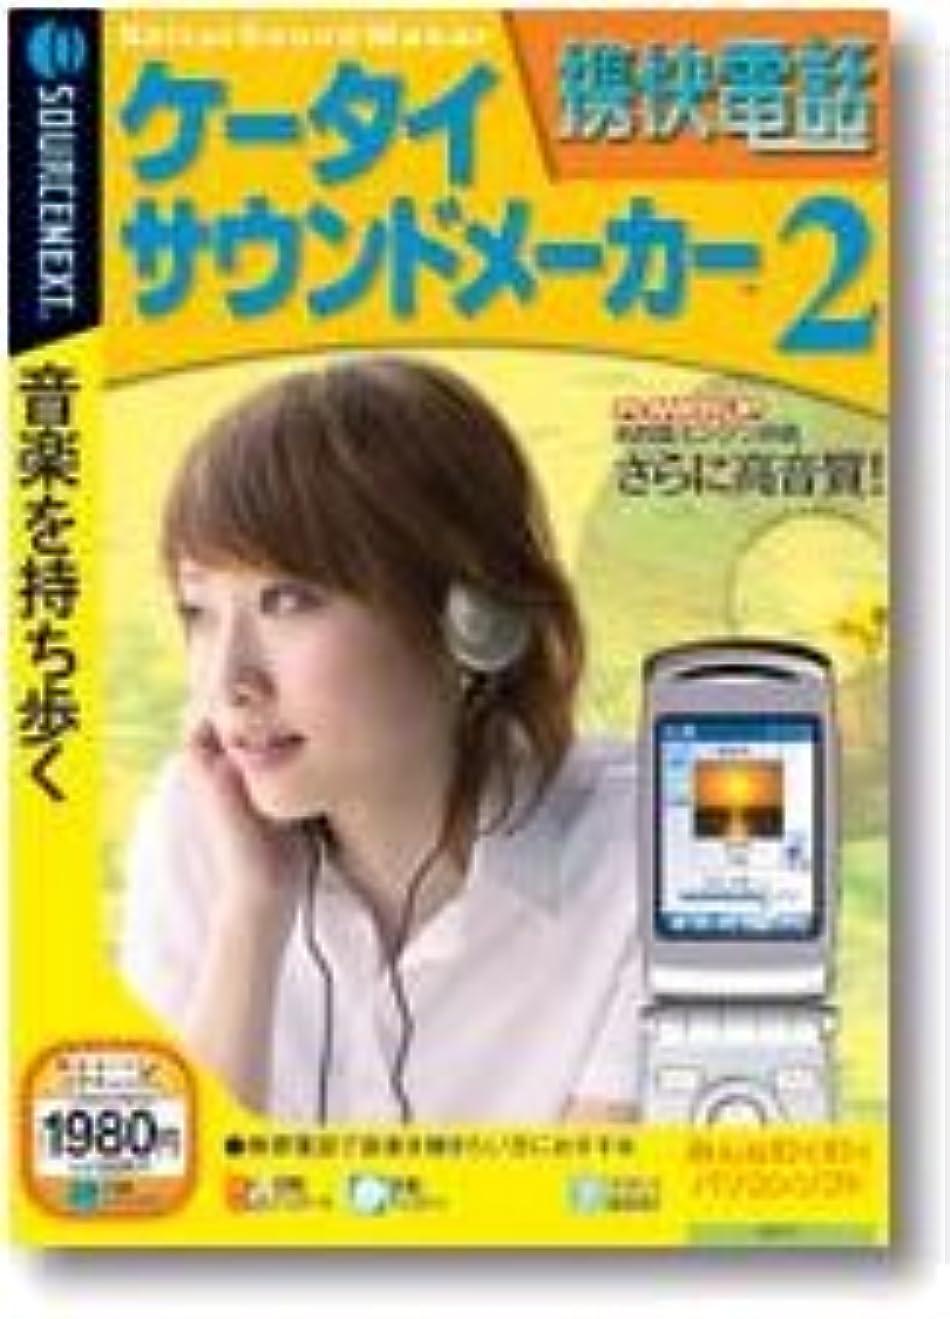 ペンダント死んでいるラック携快電話 ケータイサウンドメーカー 2 (説明扉付きスリムパッケージ版)